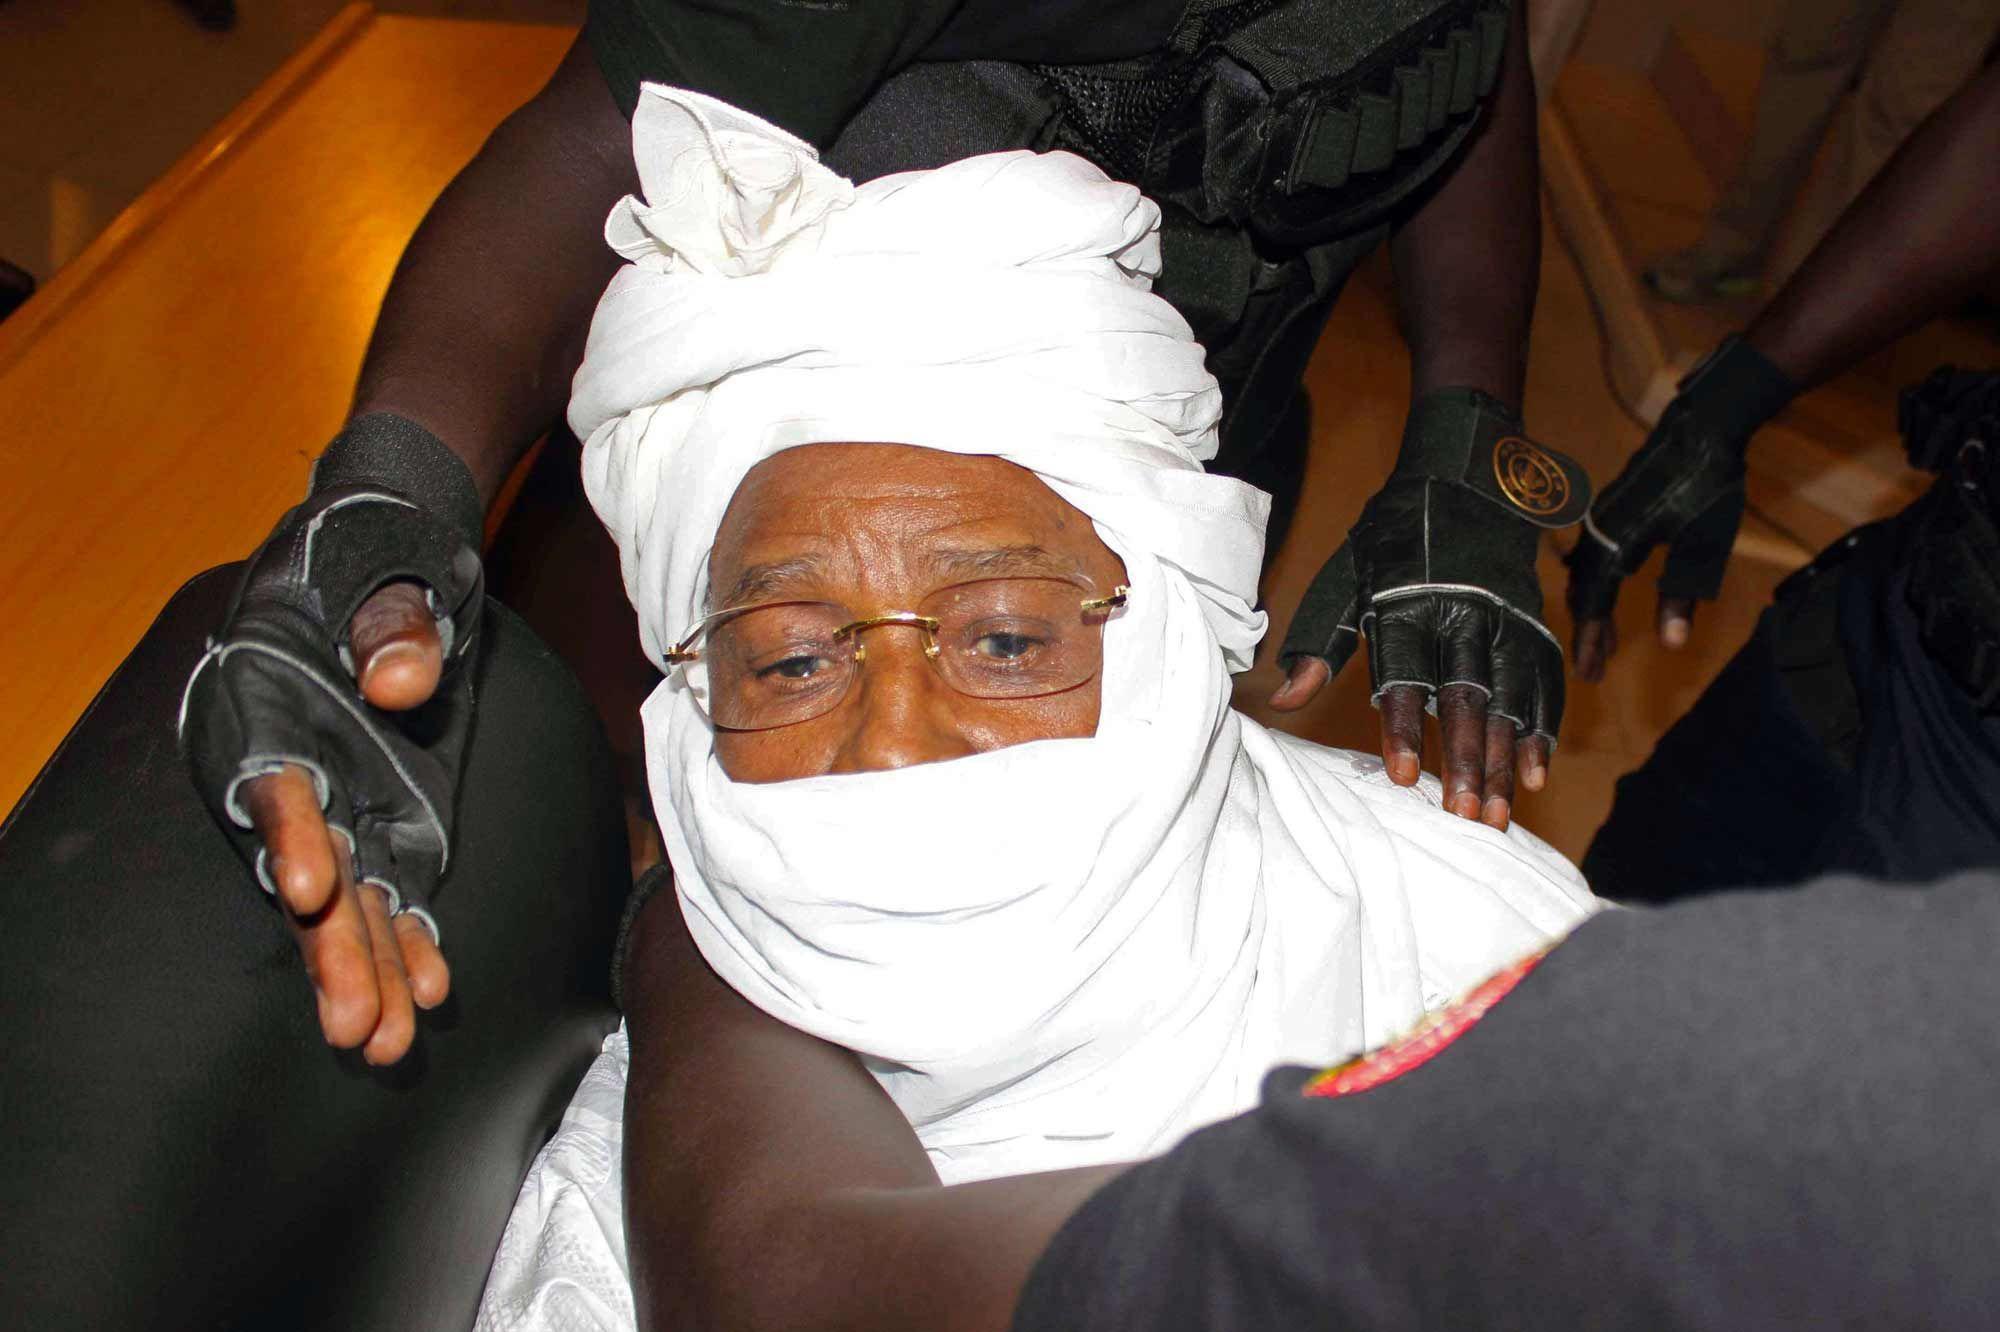 Accident au Cap Manuel: Habré aurait une fracture au niveau du bras, son épouse charge les pénitenciers